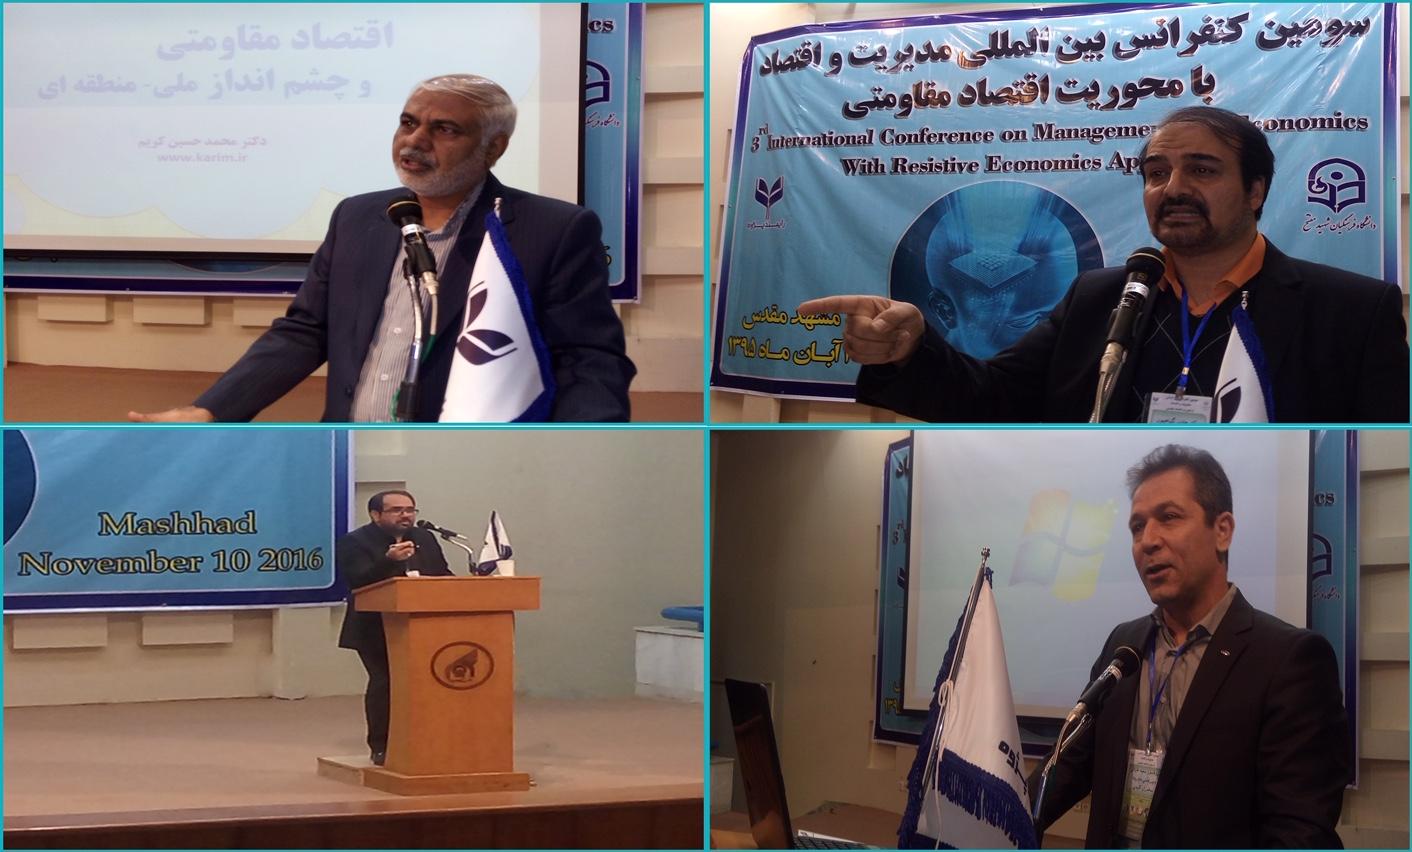 سخنرانان همایش مدیریت و اقتصاد مشهد مقدس